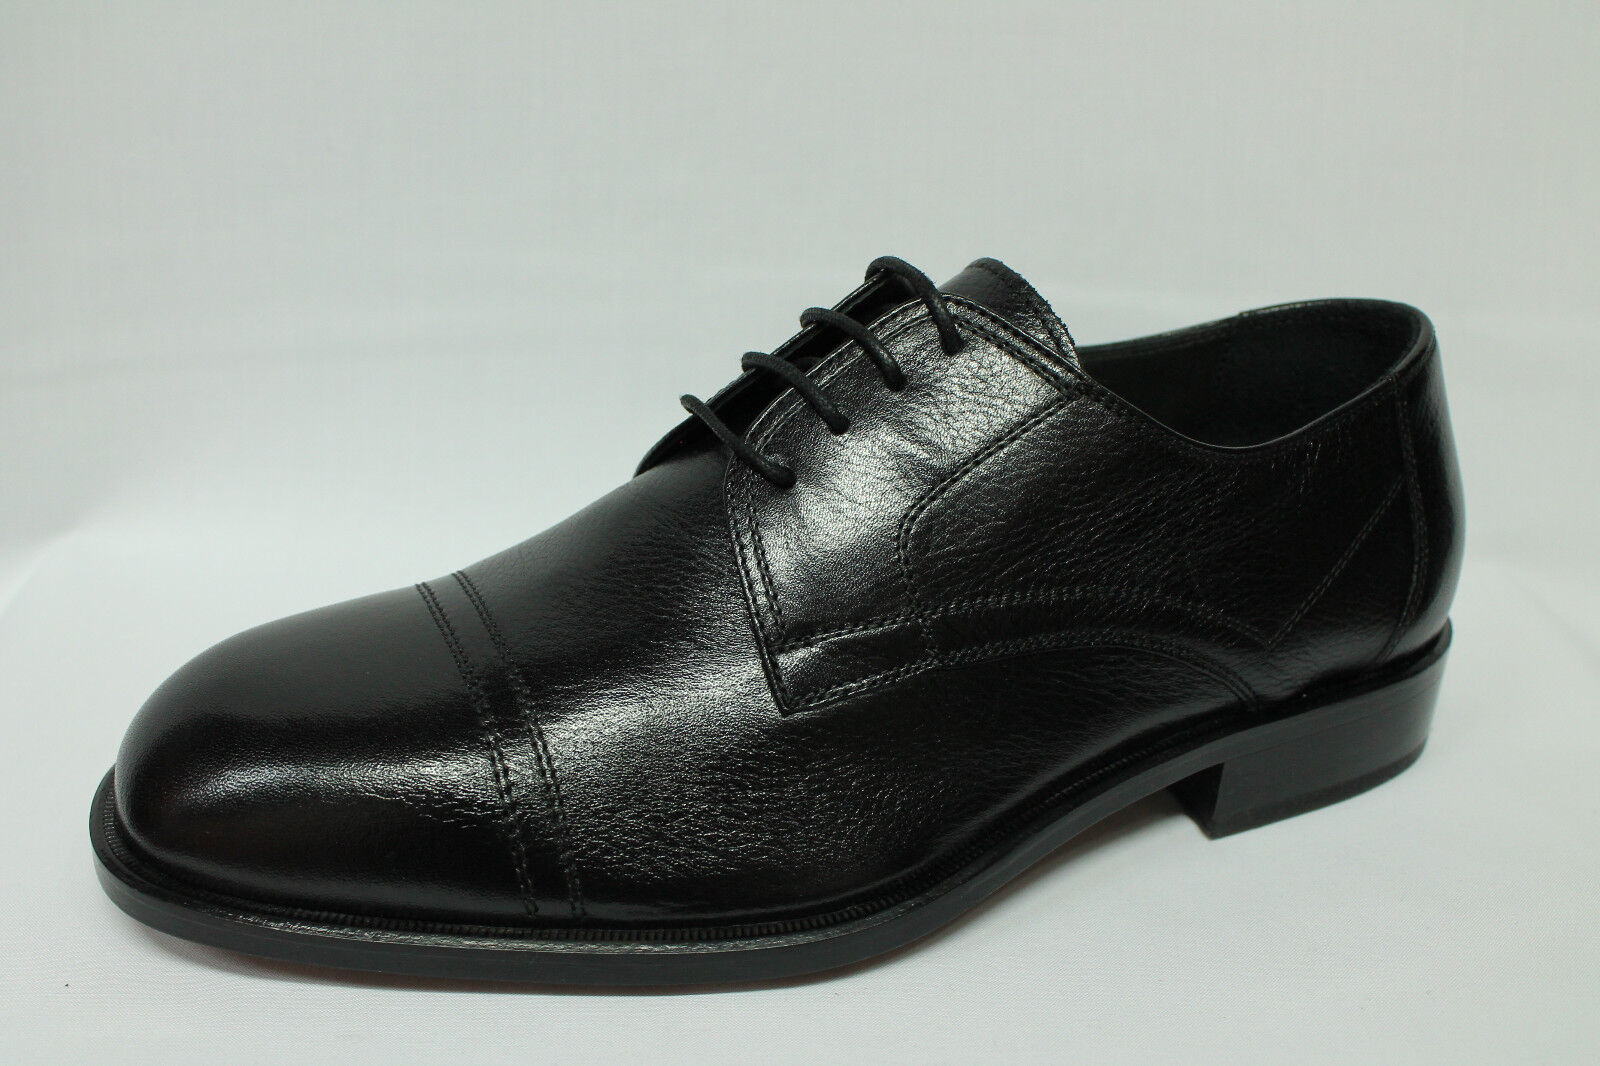 alta qualità generale Scarpe stringate stringate stringate eleganti classiche Valleverde 14841 pelle nera  Sconto del 70%